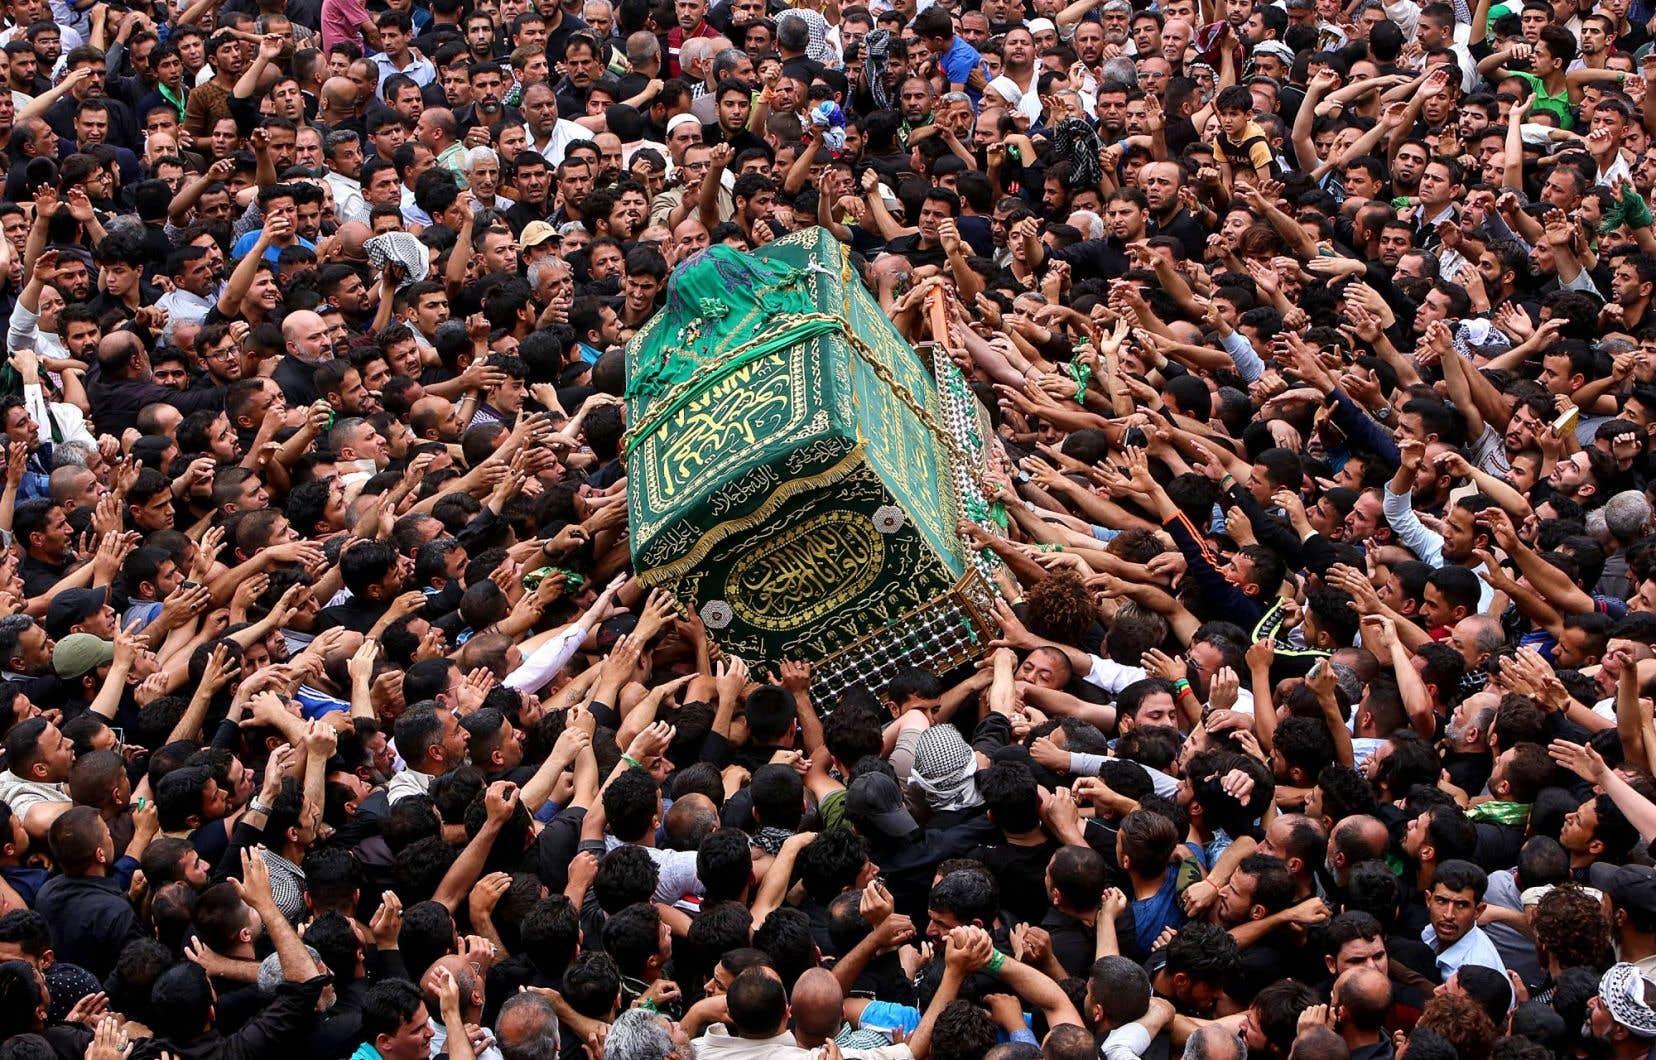 Les nombreux pèlerins ont tenté de toucher la réplique du cercueil de l'imam Moussa Kazem, transportée dans les rues de Bagdad.